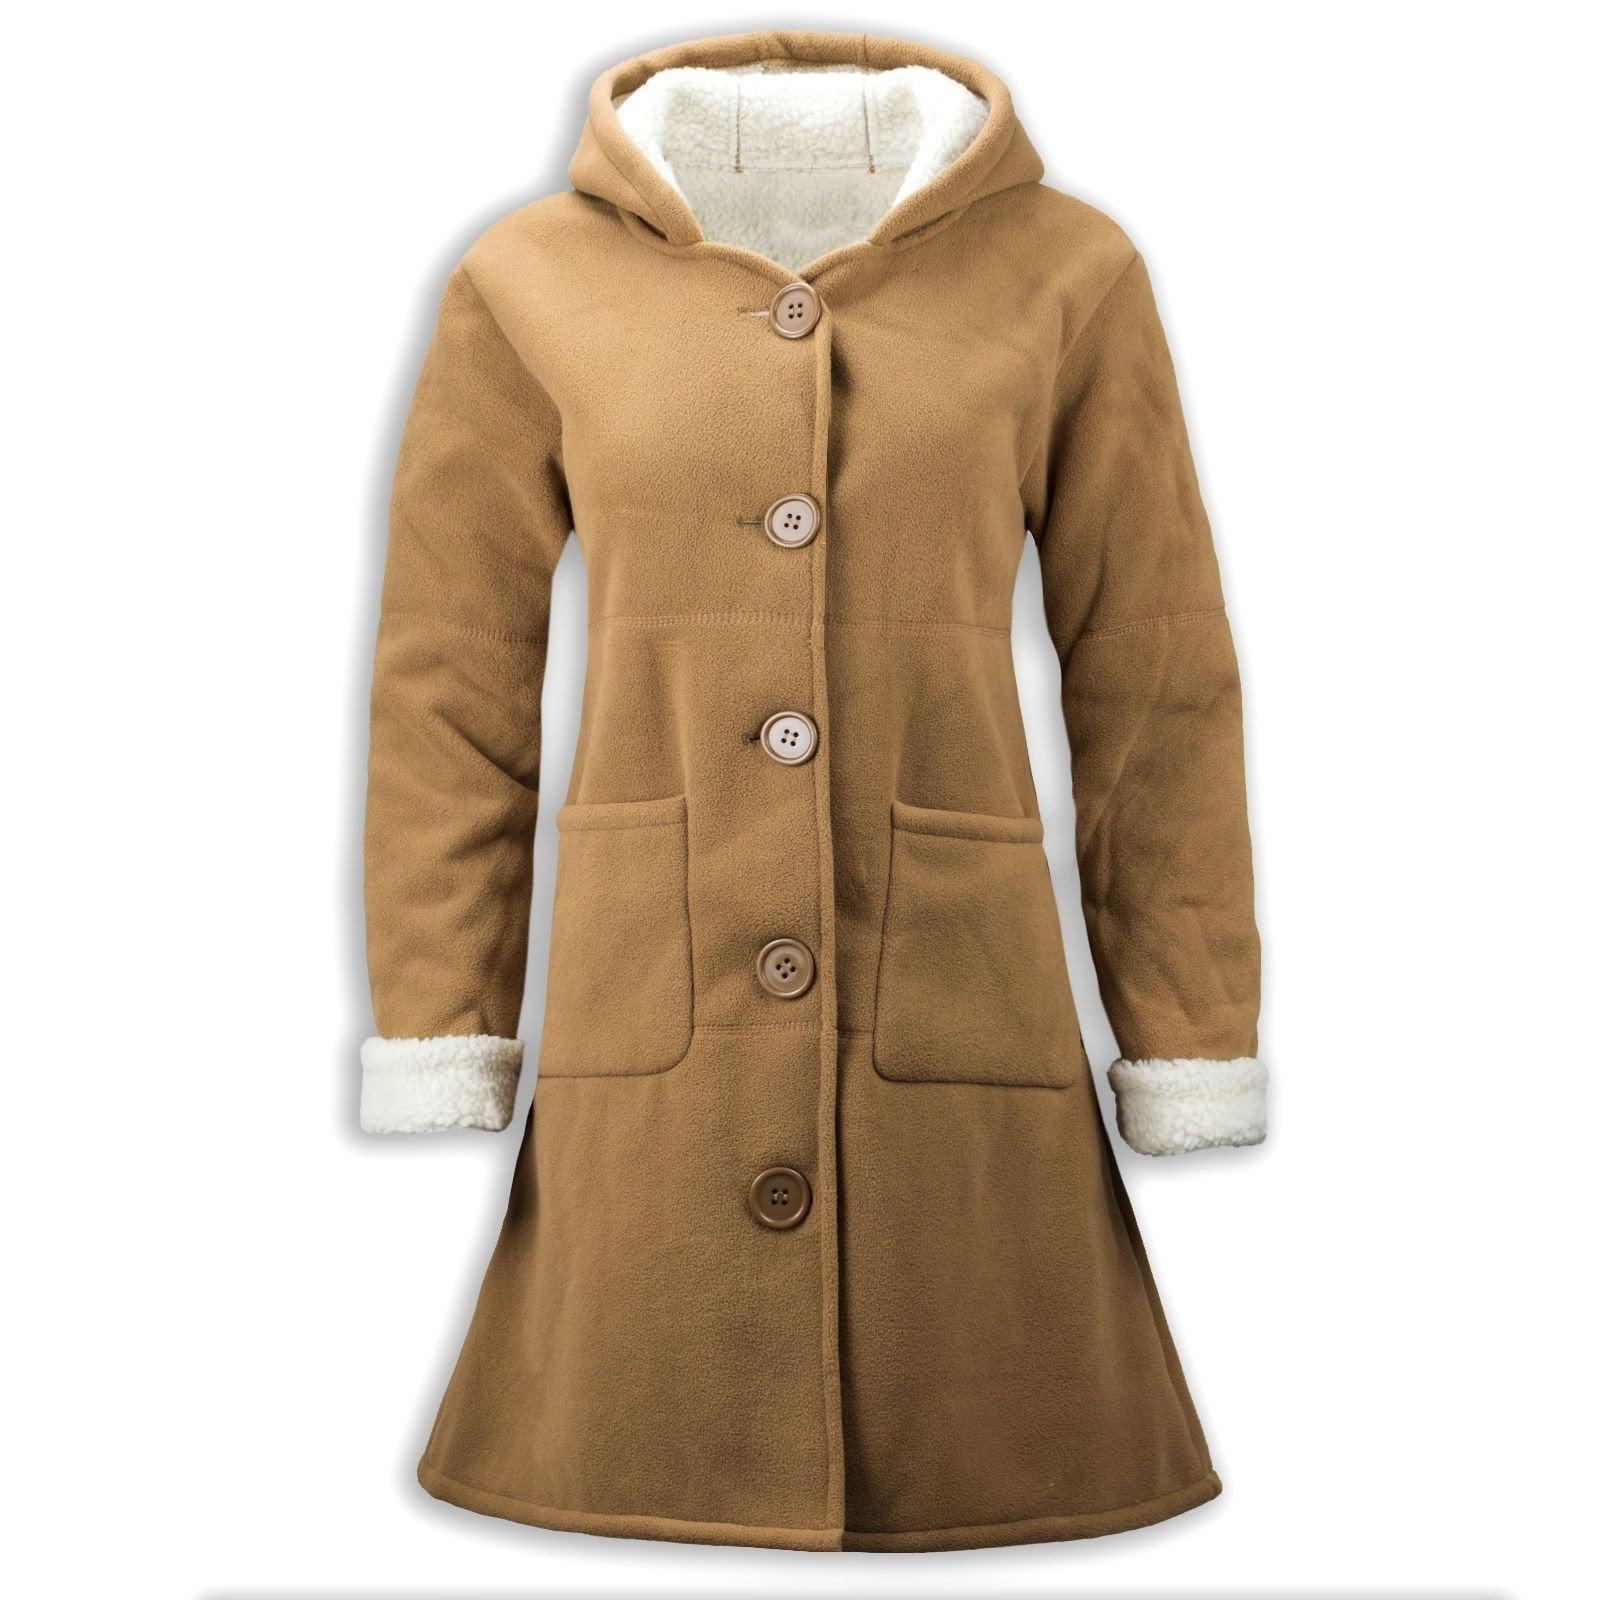 New Women Fashion Peacoat Fur Hoody Wool Heavy Weight Luxury Jacket by Womens Wool Coats